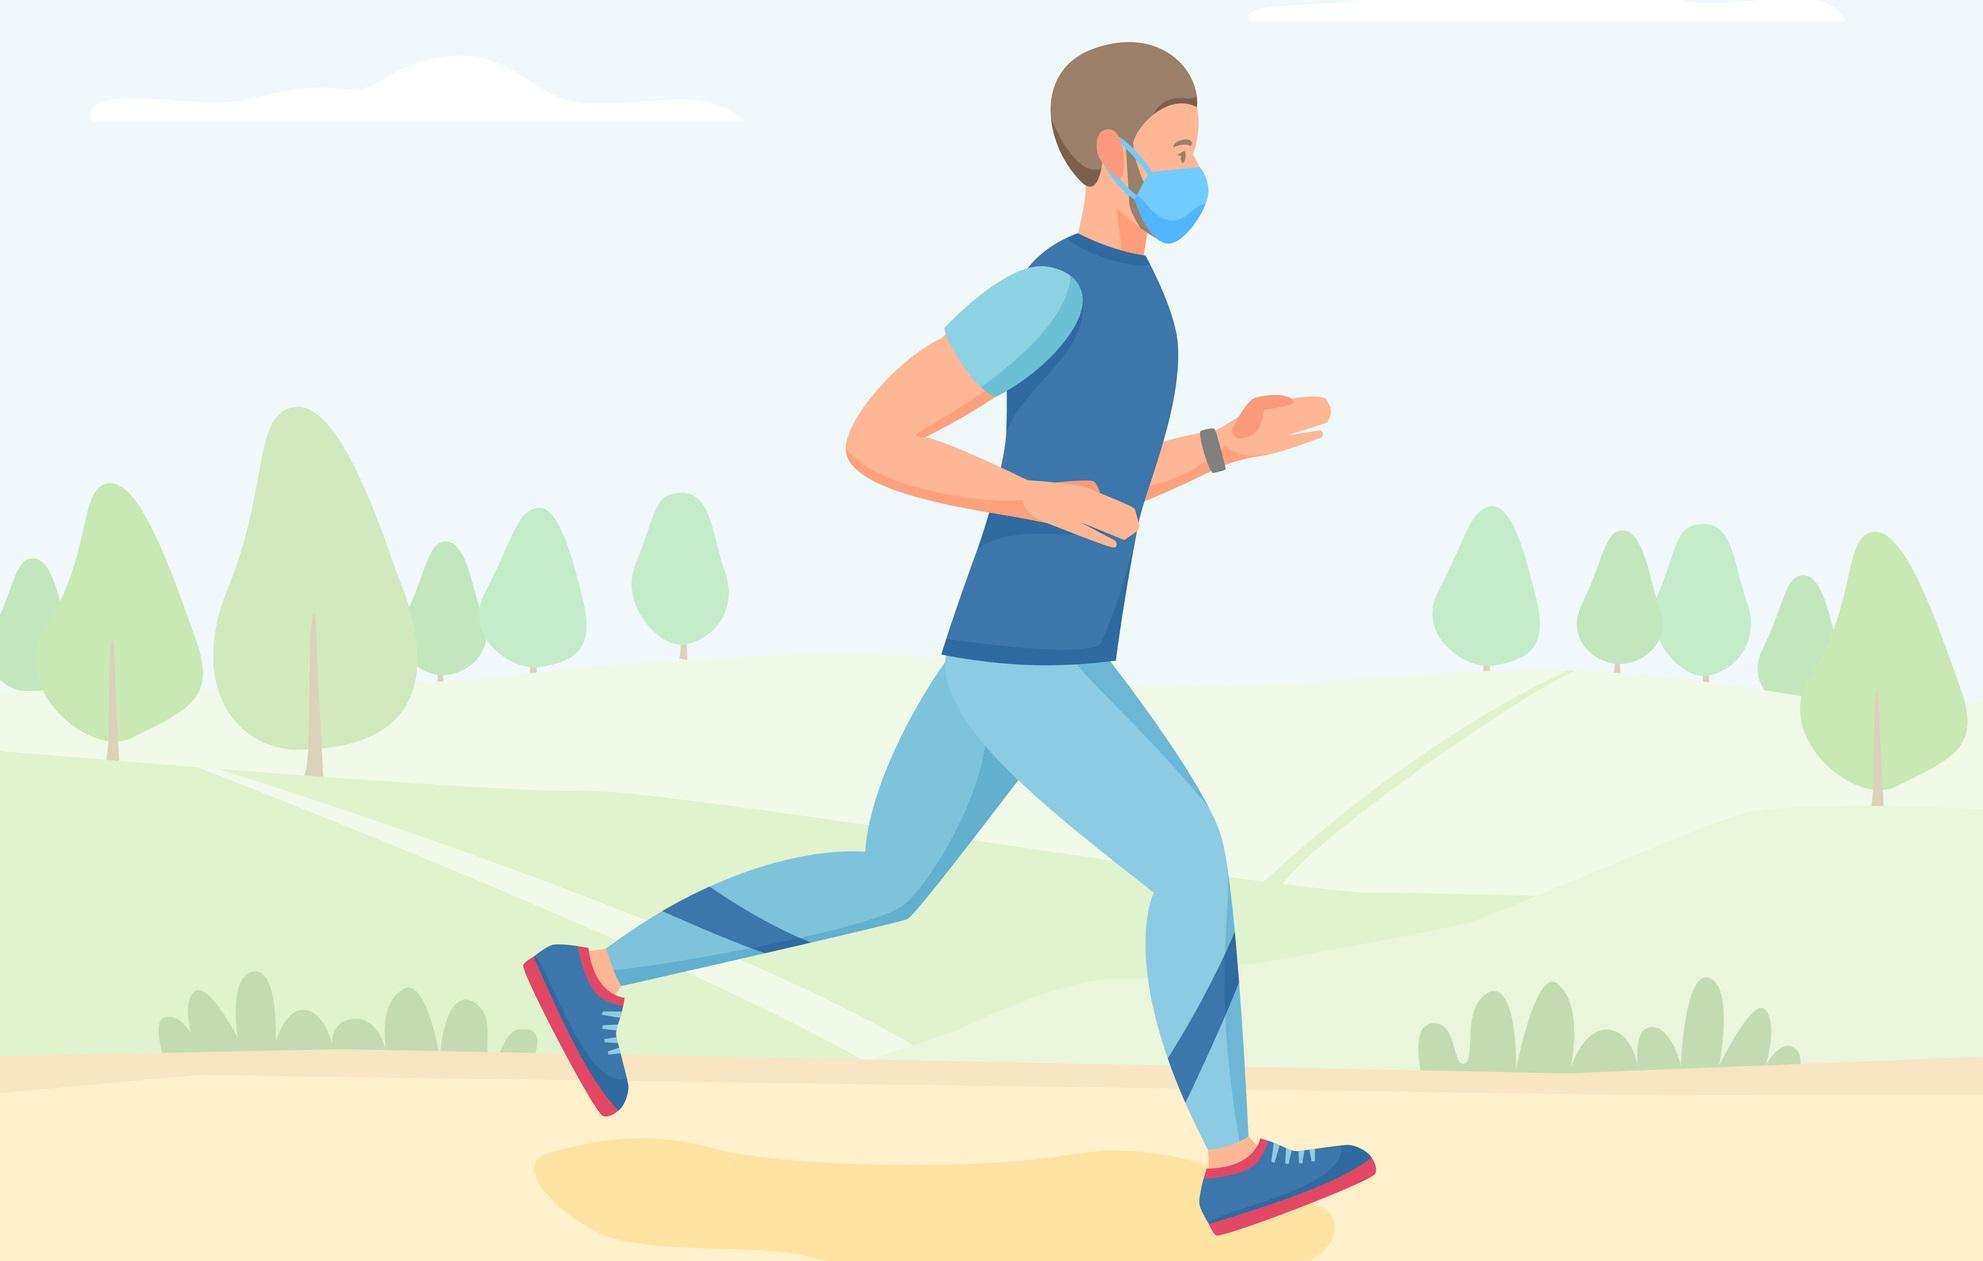 「屋外運動時のマスクは推奨しない」。日本臨床スポーツ医学会と日本臨床運動療法学会が共同声明文